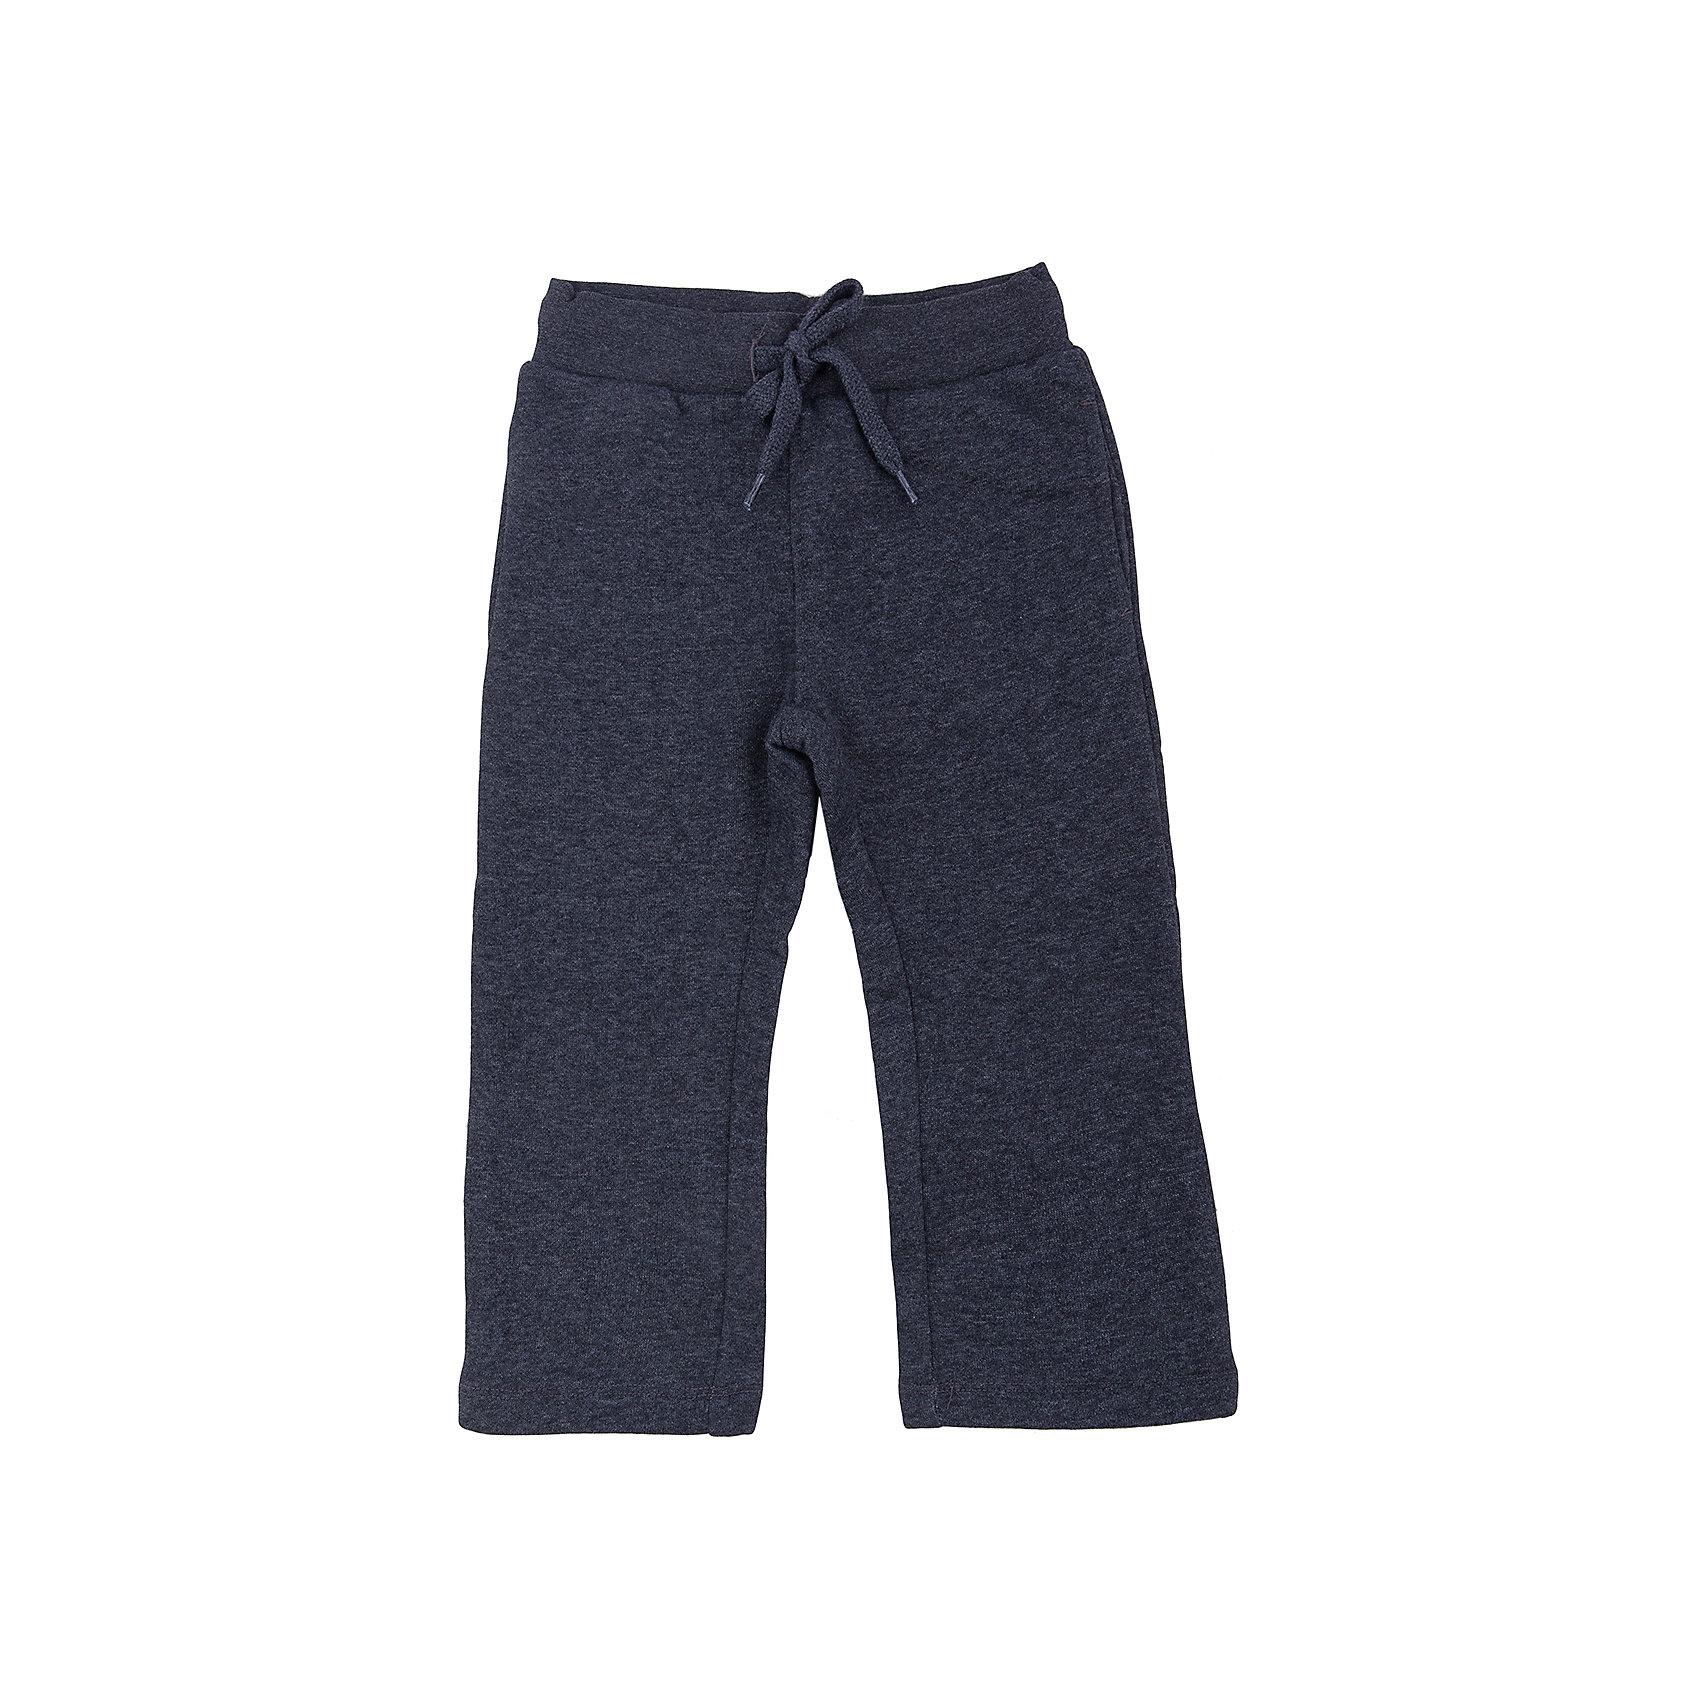 Брюки для мальчика SELAБрюки<br>Спортивные брюки - незаменимая вещь в детском гардеробе. Эта модель отлично сидит на ребенке, она сшита из приятного на ощупь материала, натуральный хлопок не вызывает аллергии и обеспечивает ребенку комфорт. Модель станет отличной базовой вещью, которая будет уместна в различных сочетаниях.<br>Одежда от бренда Sela (Села) - это качество по приемлемым ценам. Многие российские родители уже оценили преимущества продукции этой компании и всё чаще приобретают одежду и аксессуары Sela.<br><br>Дополнительная информация:<br><br>цвет: черный;<br>материал: 80 % хлопок, 20% ПЭ;<br>плотный материал;<br>шнурок и резинка в поясе.<br><br>Брюки для мальчика от бренда Sela можно купить в нашем интернет-магазине.<br><br>Ширина мм: 215<br>Глубина мм: 88<br>Высота мм: 191<br>Вес г: 336<br>Цвет: черный<br>Возраст от месяцев: 60<br>Возраст до месяцев: 72<br>Пол: Мужской<br>Возраст: Детский<br>Размер: 116,92,98,104,110<br>SKU: 4944049